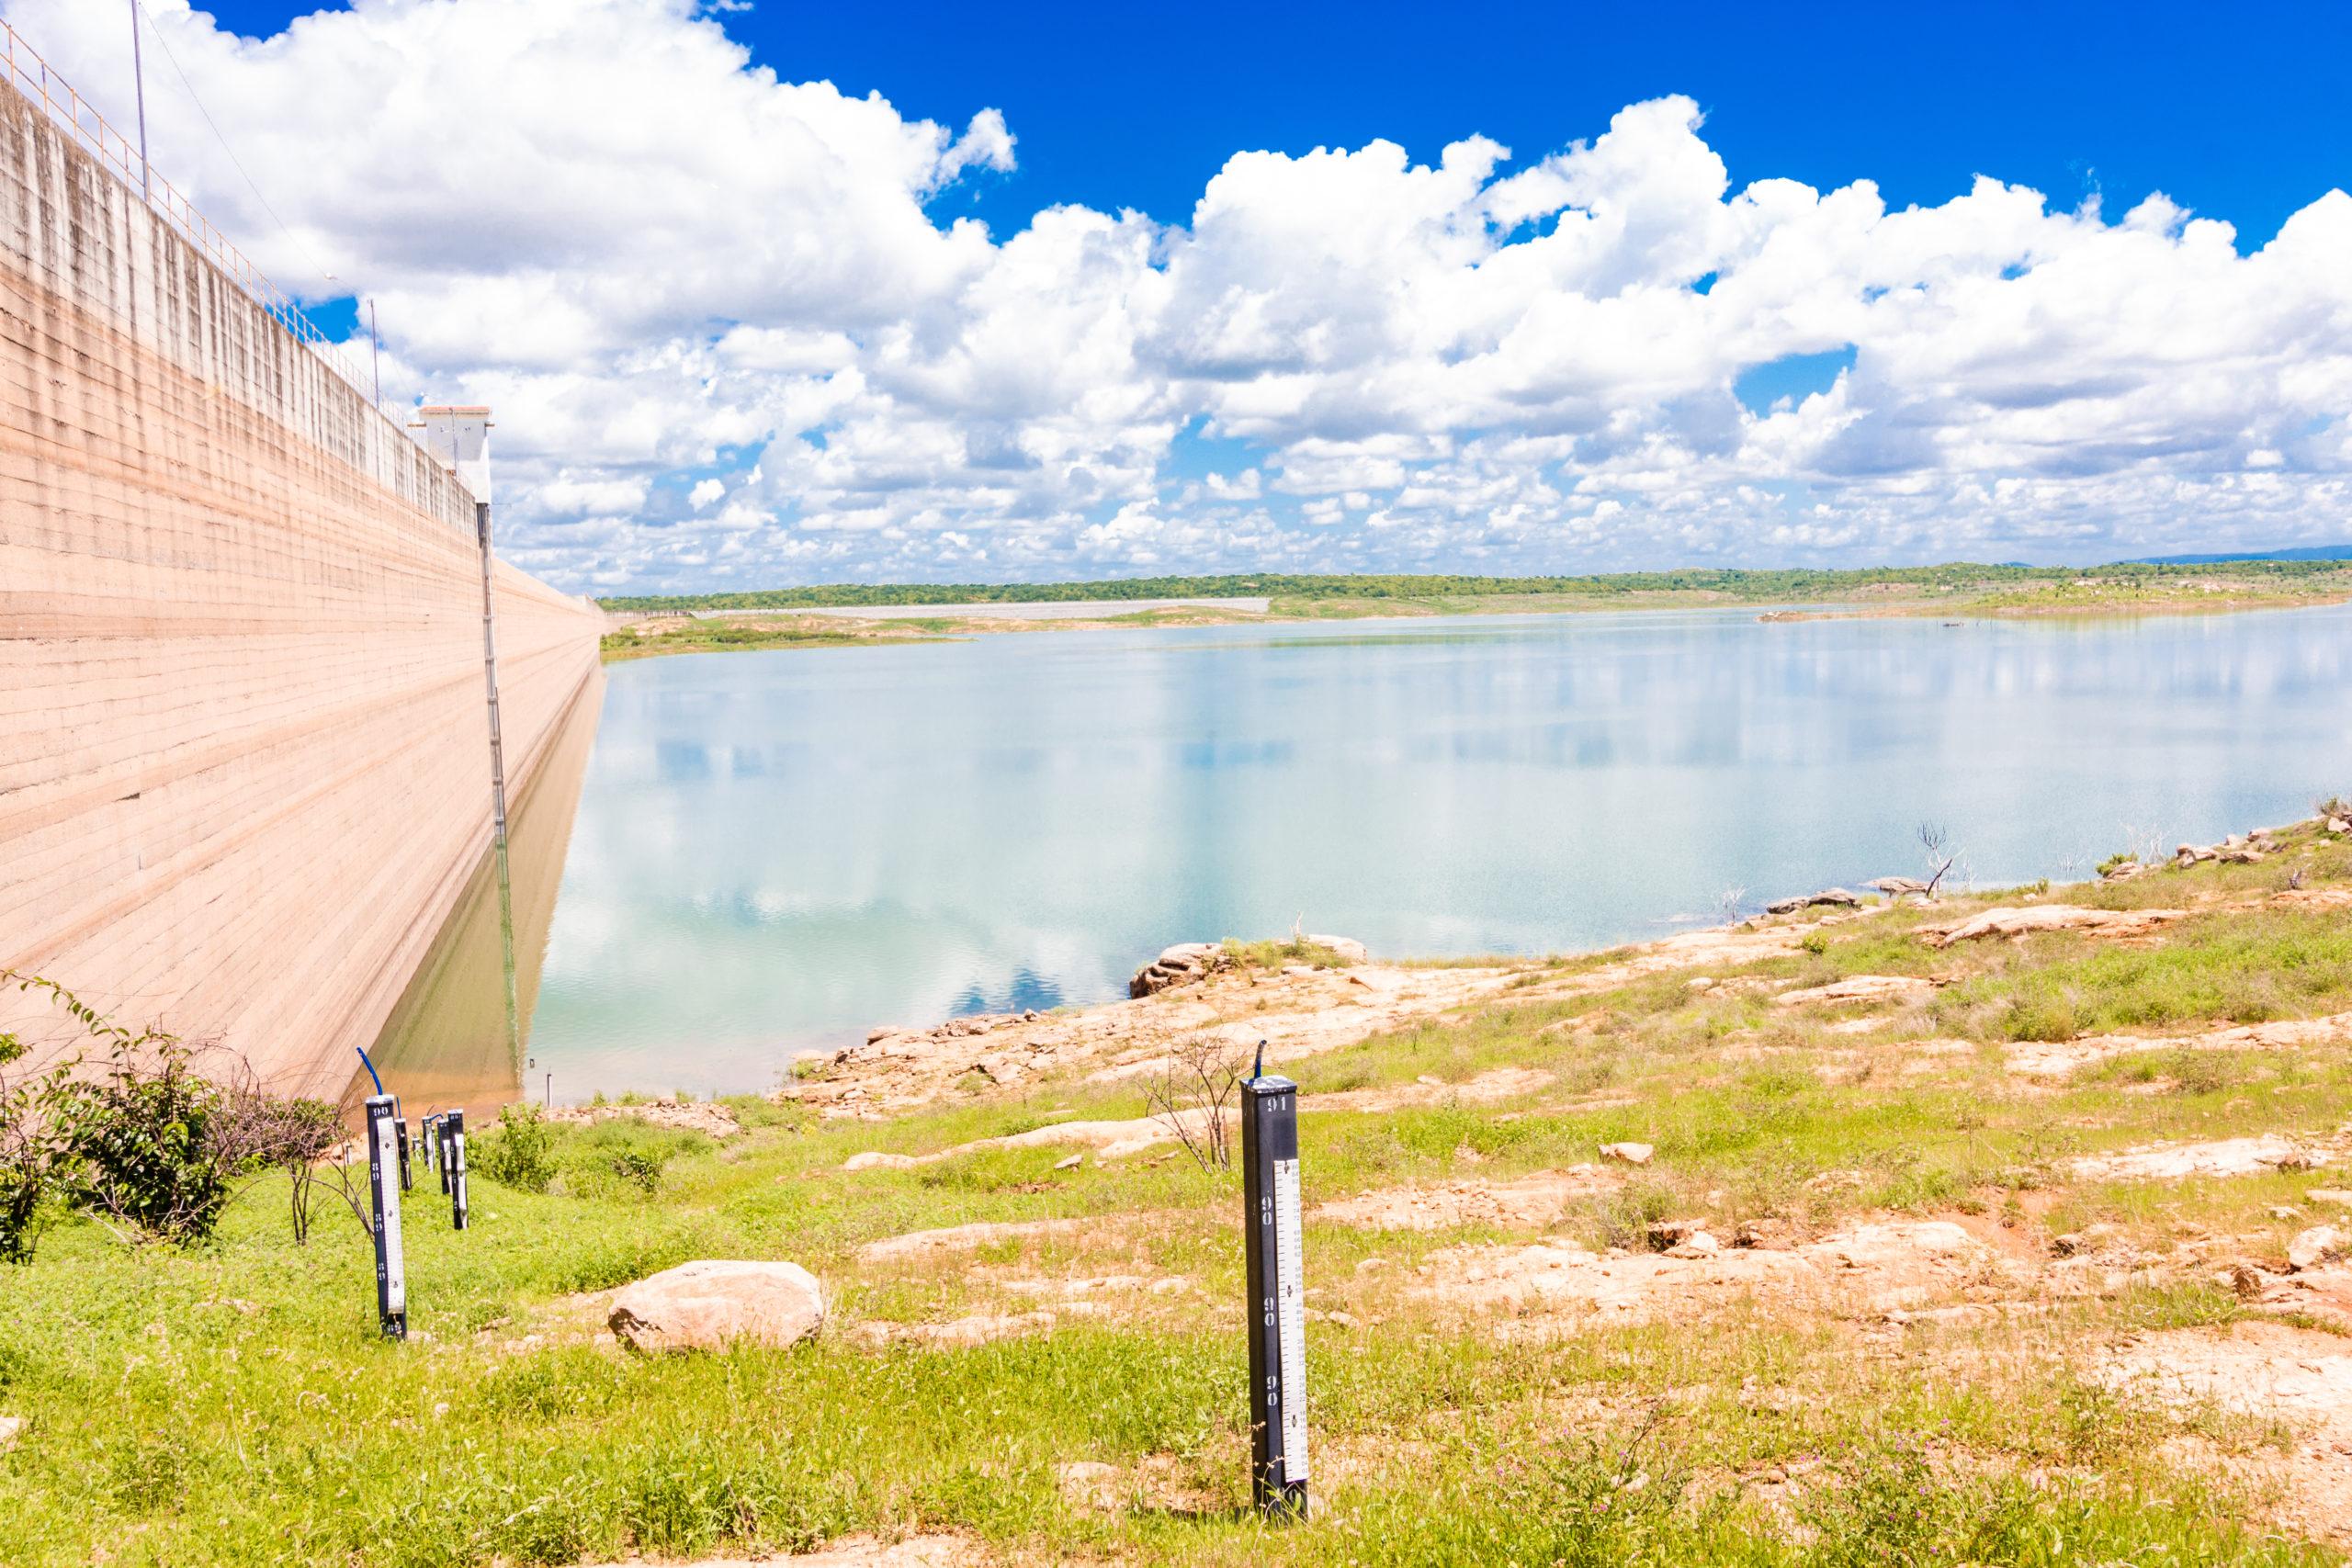 Barragem Santa Cruz do Apodi Felipe Alecrim scaled